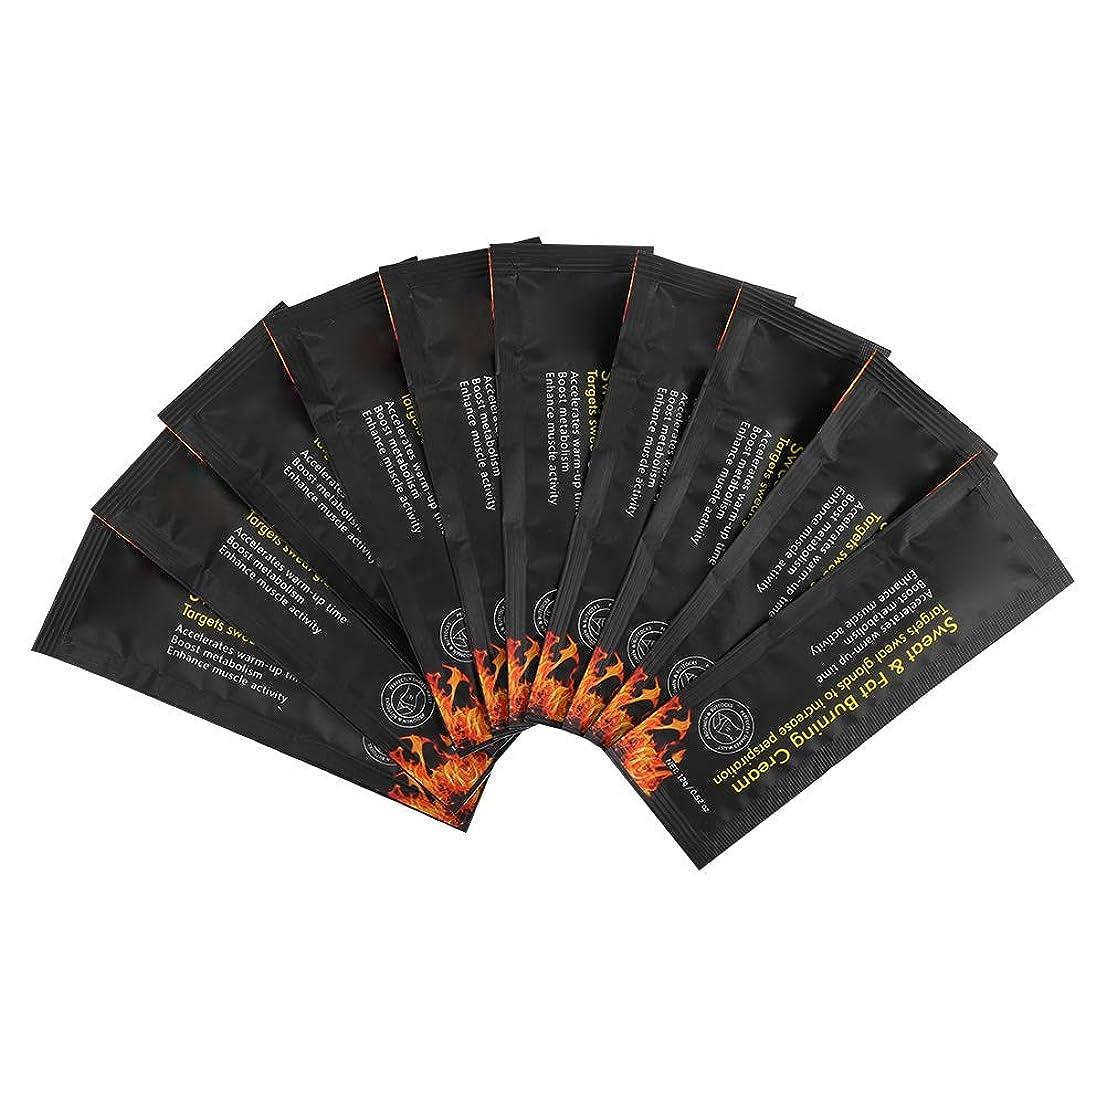 シャーク通路高原Nitrip スリミングジェル 痩身ジェル 減量クリーム 10袋 脂肪燃焼 男女兼用 無毒 安全